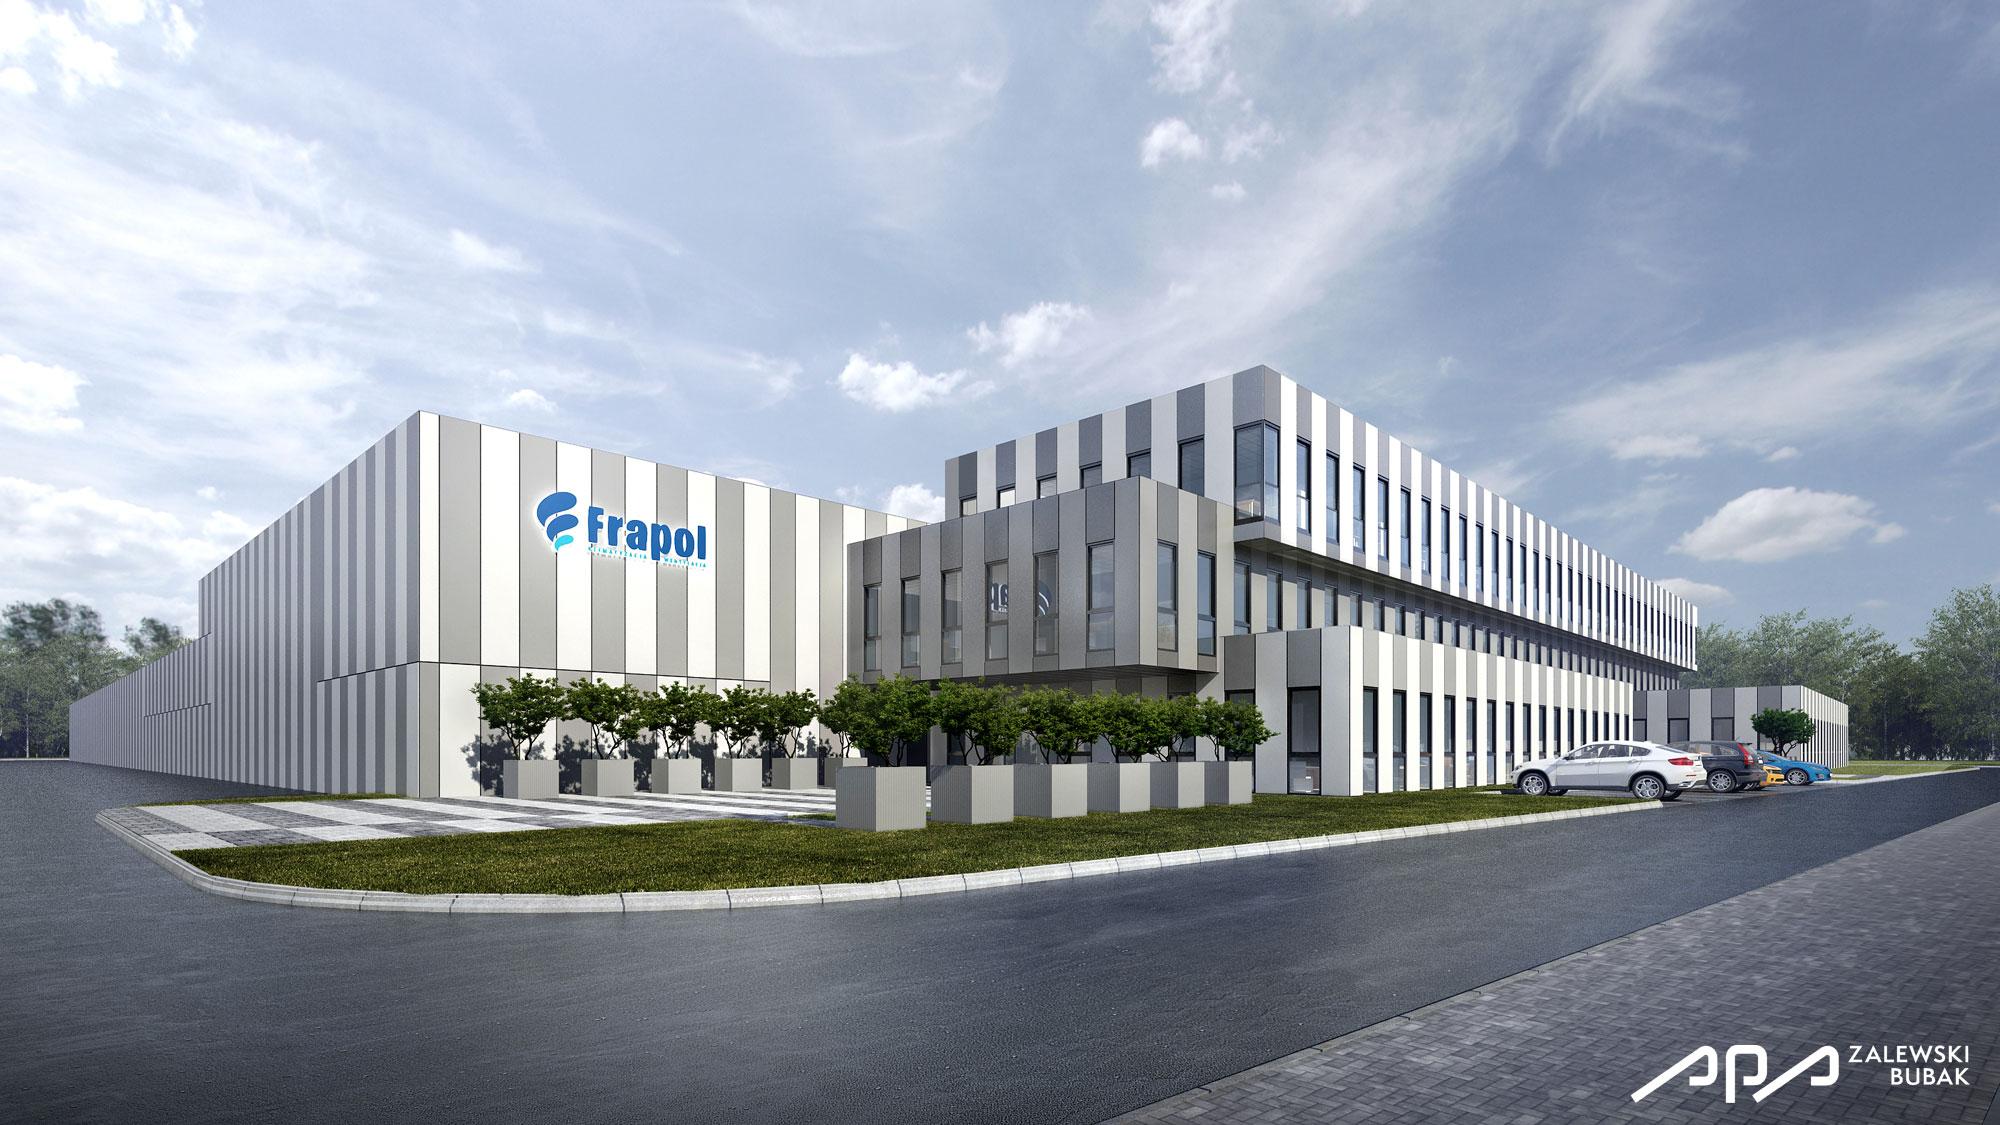 Projekt hali i biurowca firmy frapol for Production builder